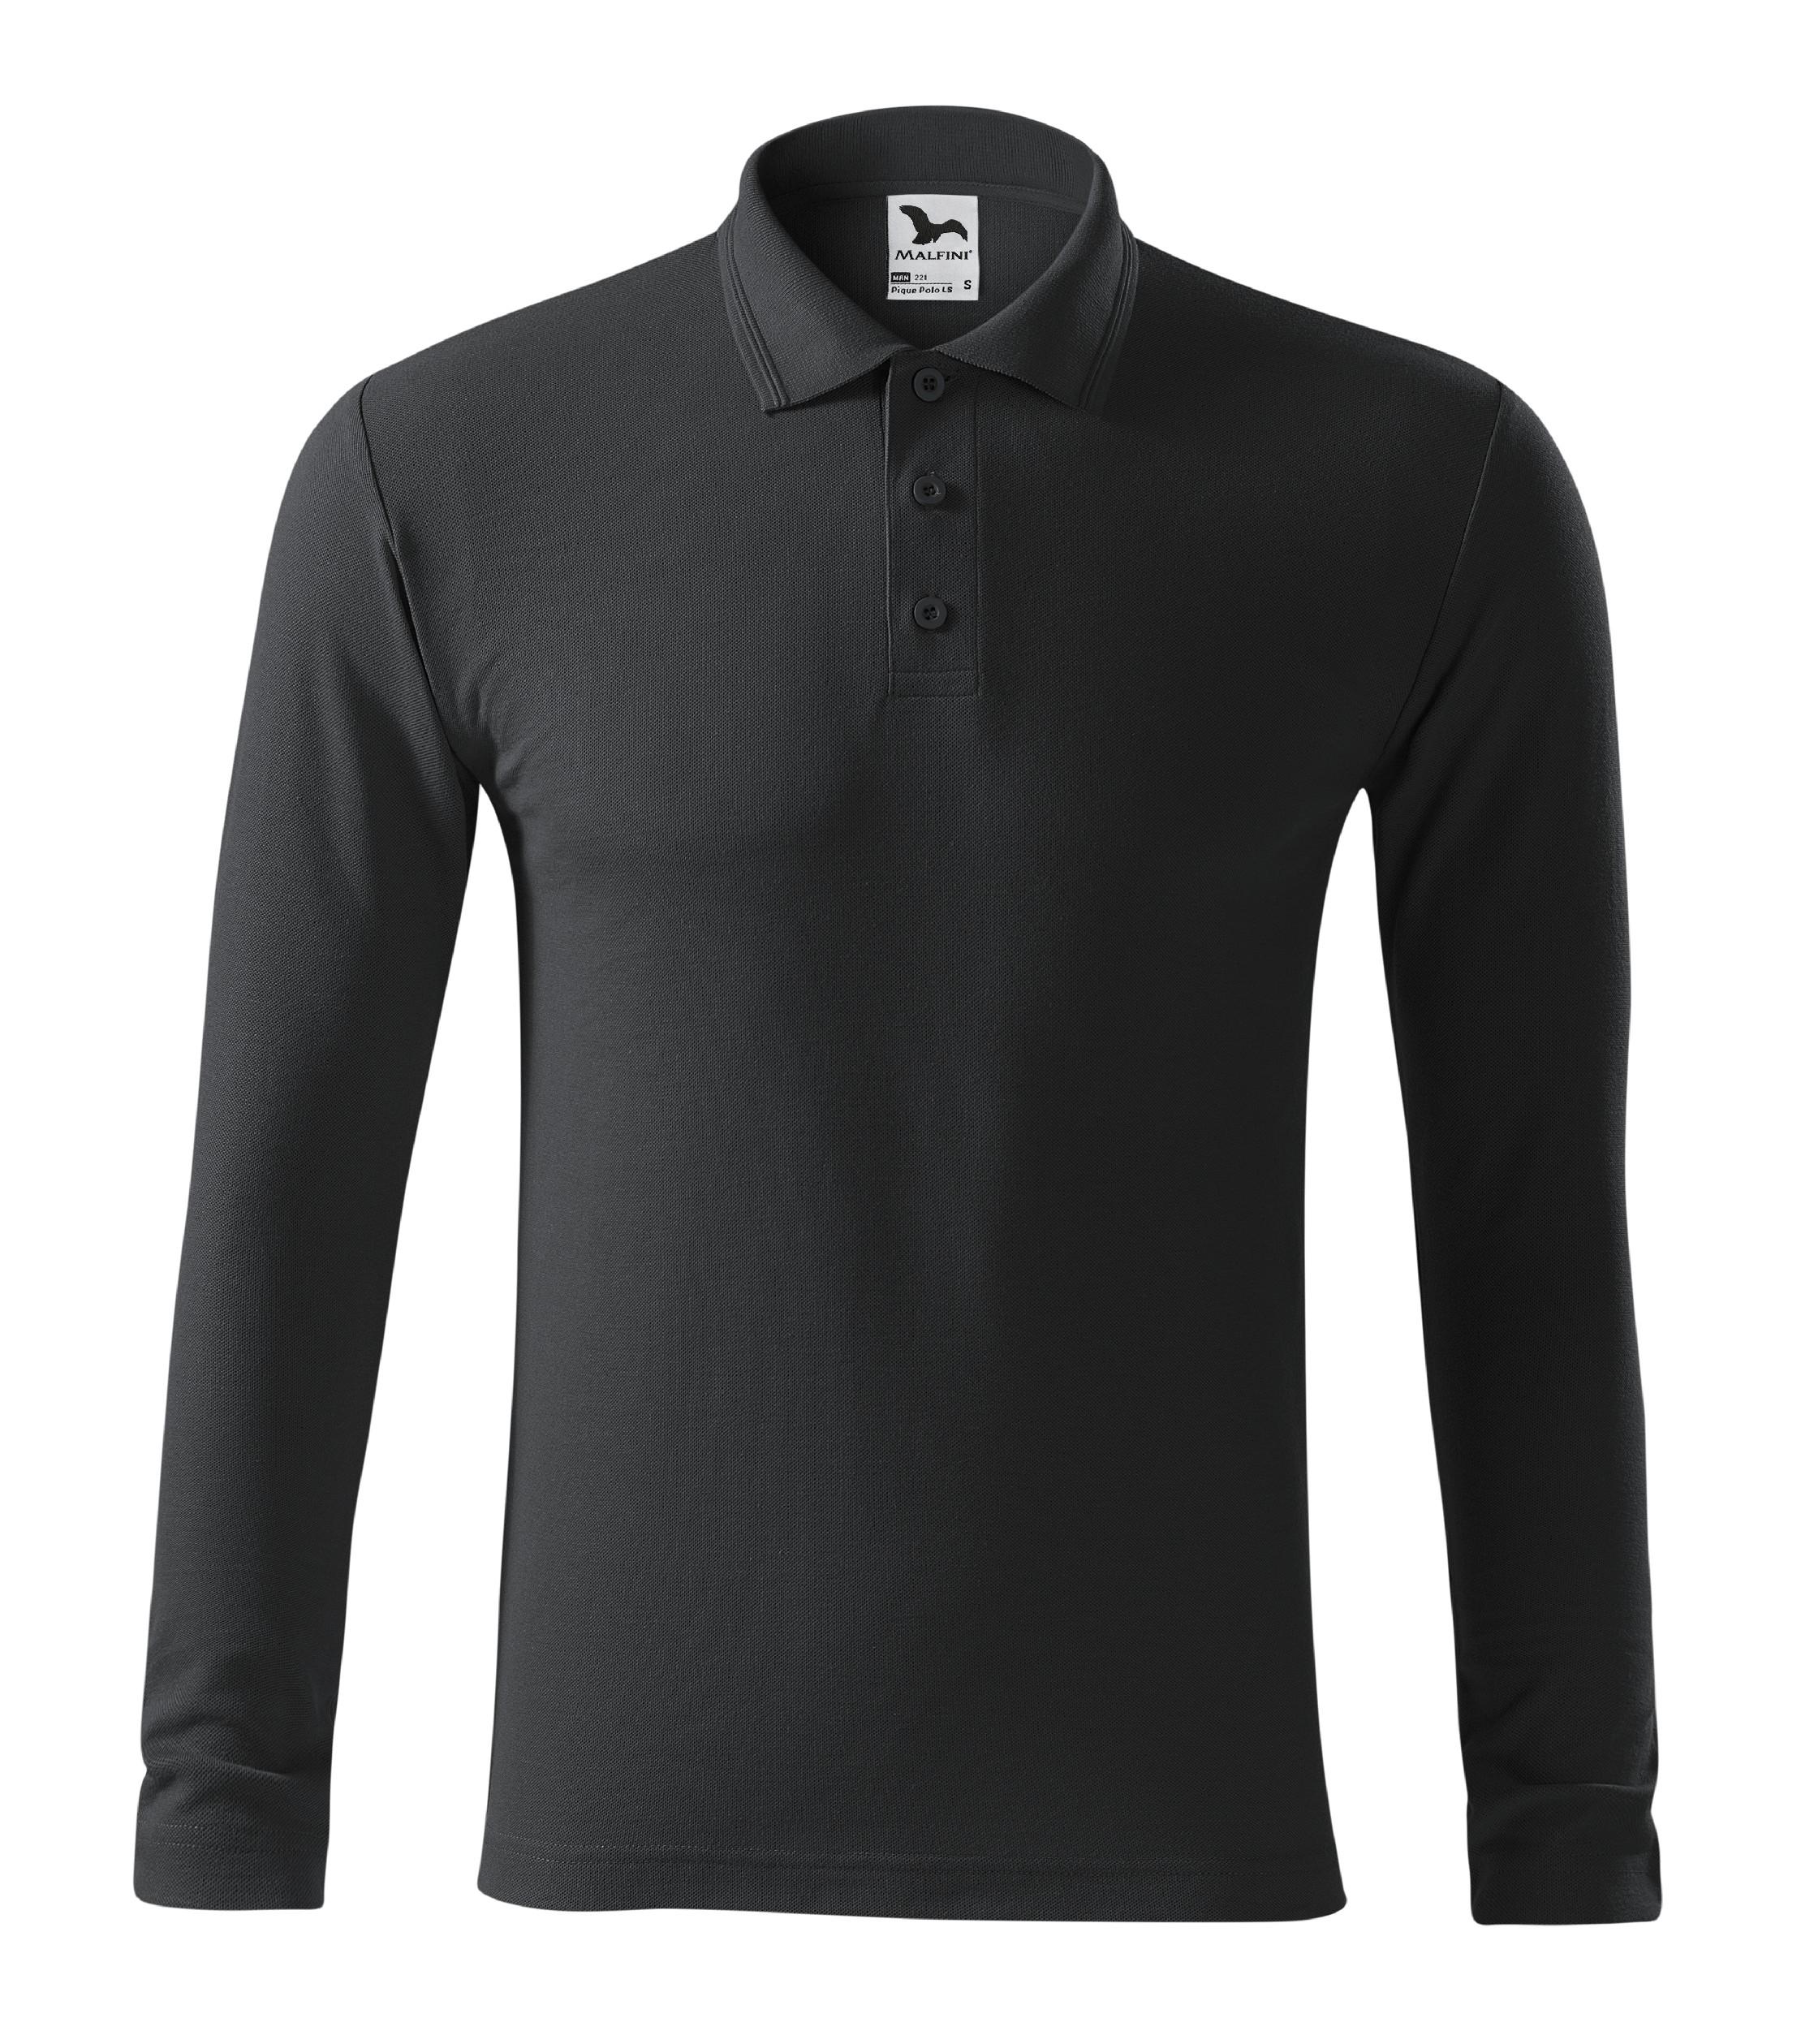 Polokošile pánská Pique Polo LS Barva: ebony gray, Velikost: L